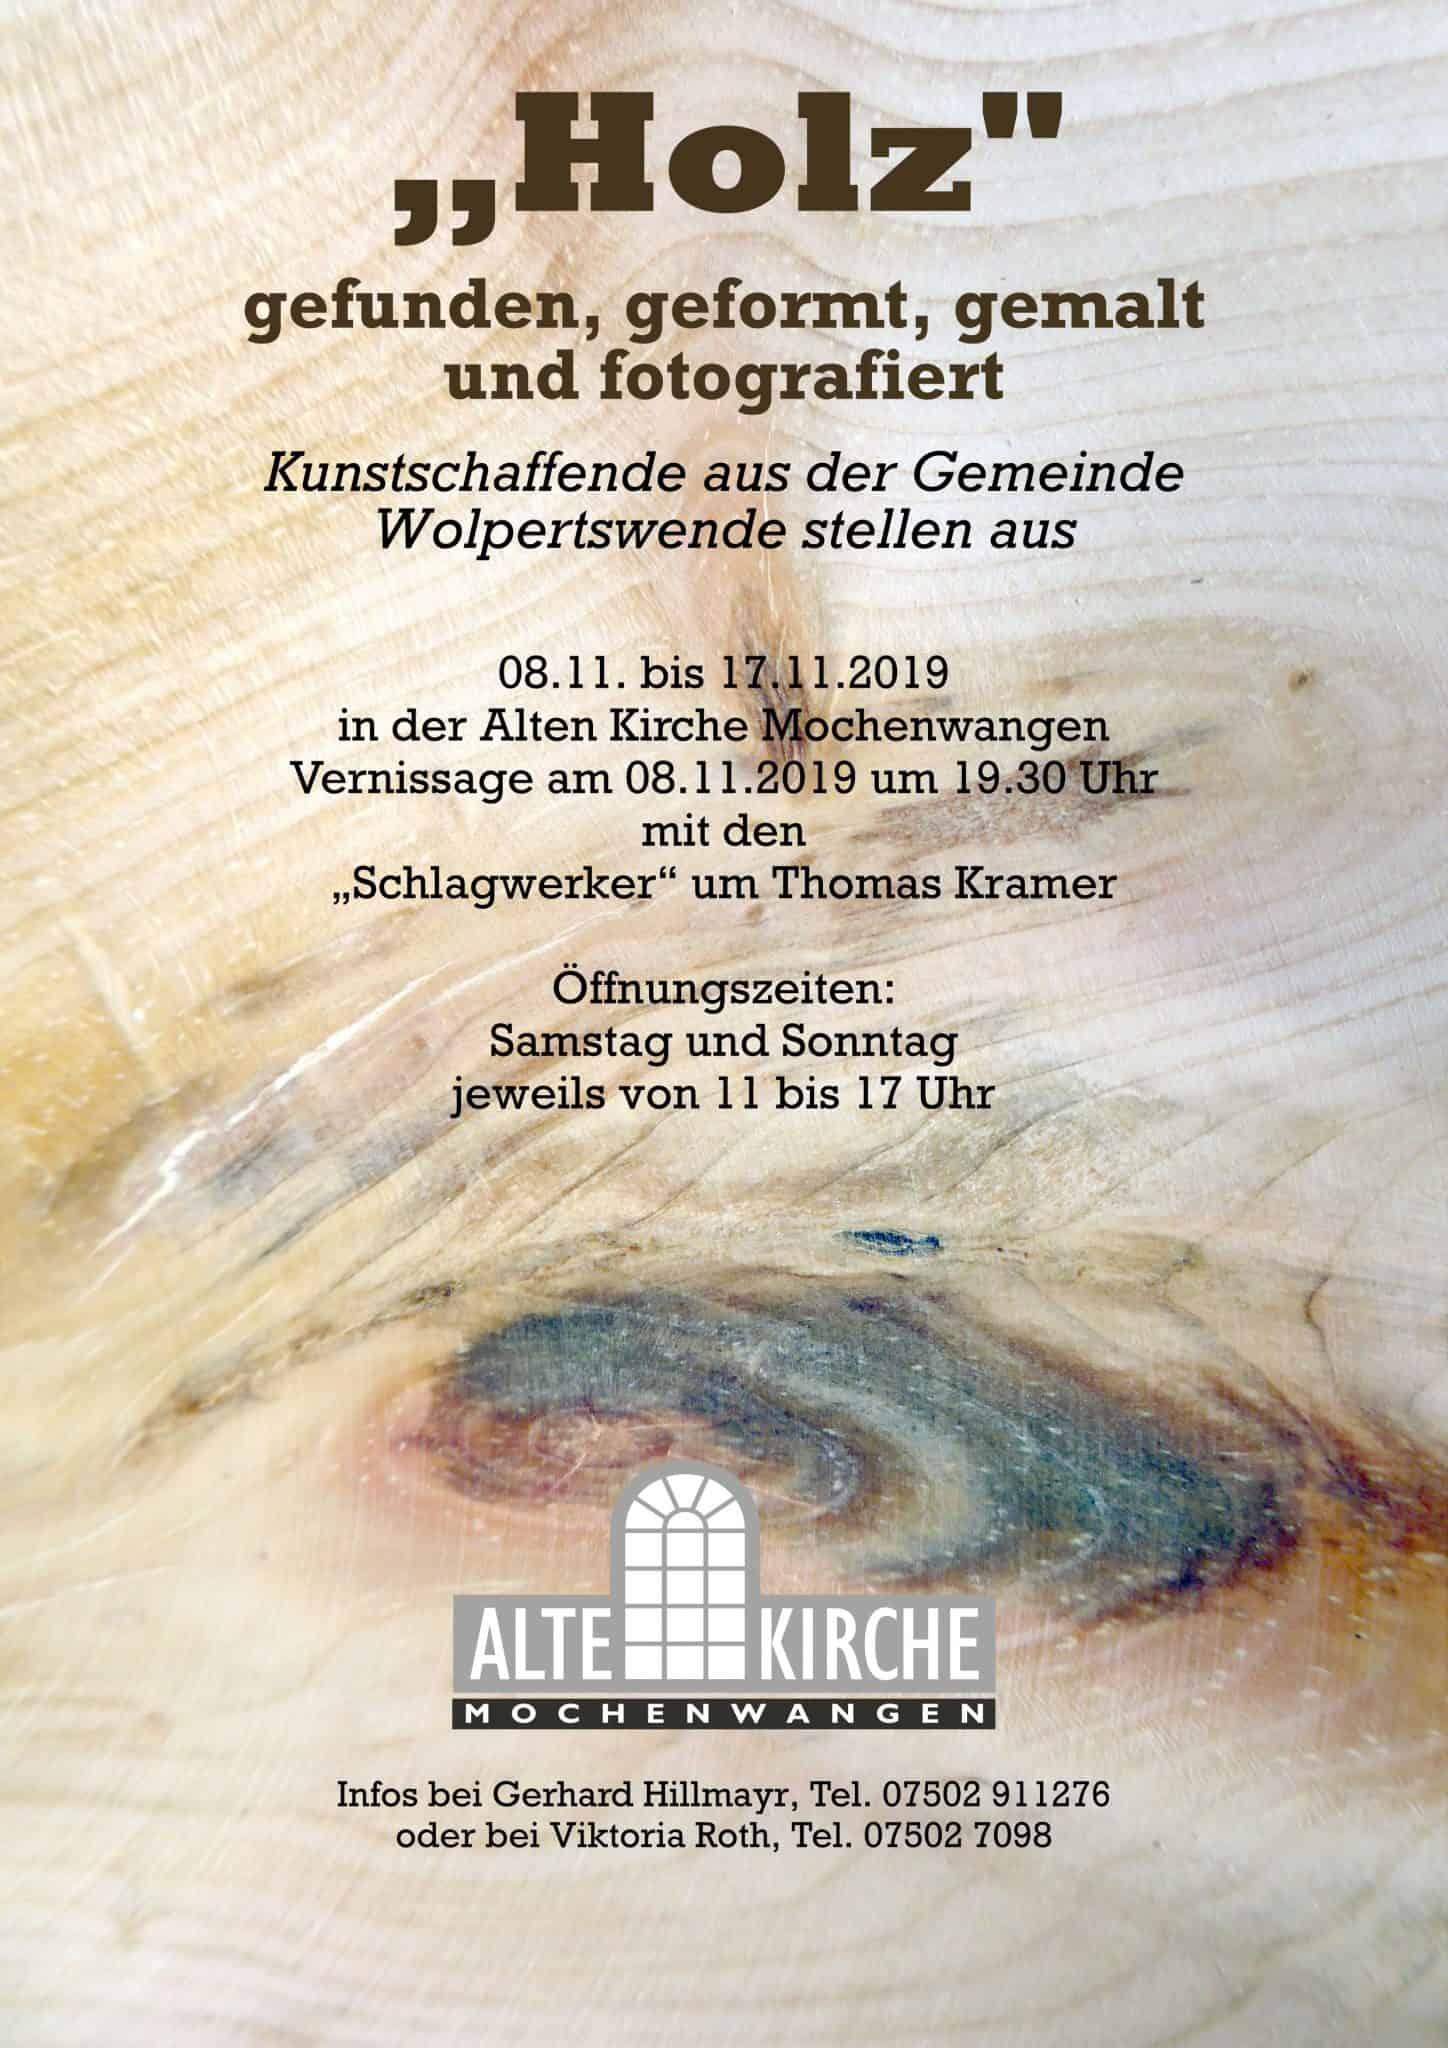 Holz Gefunden Geformt Fotografiert Und Gemalt Alte Kirche